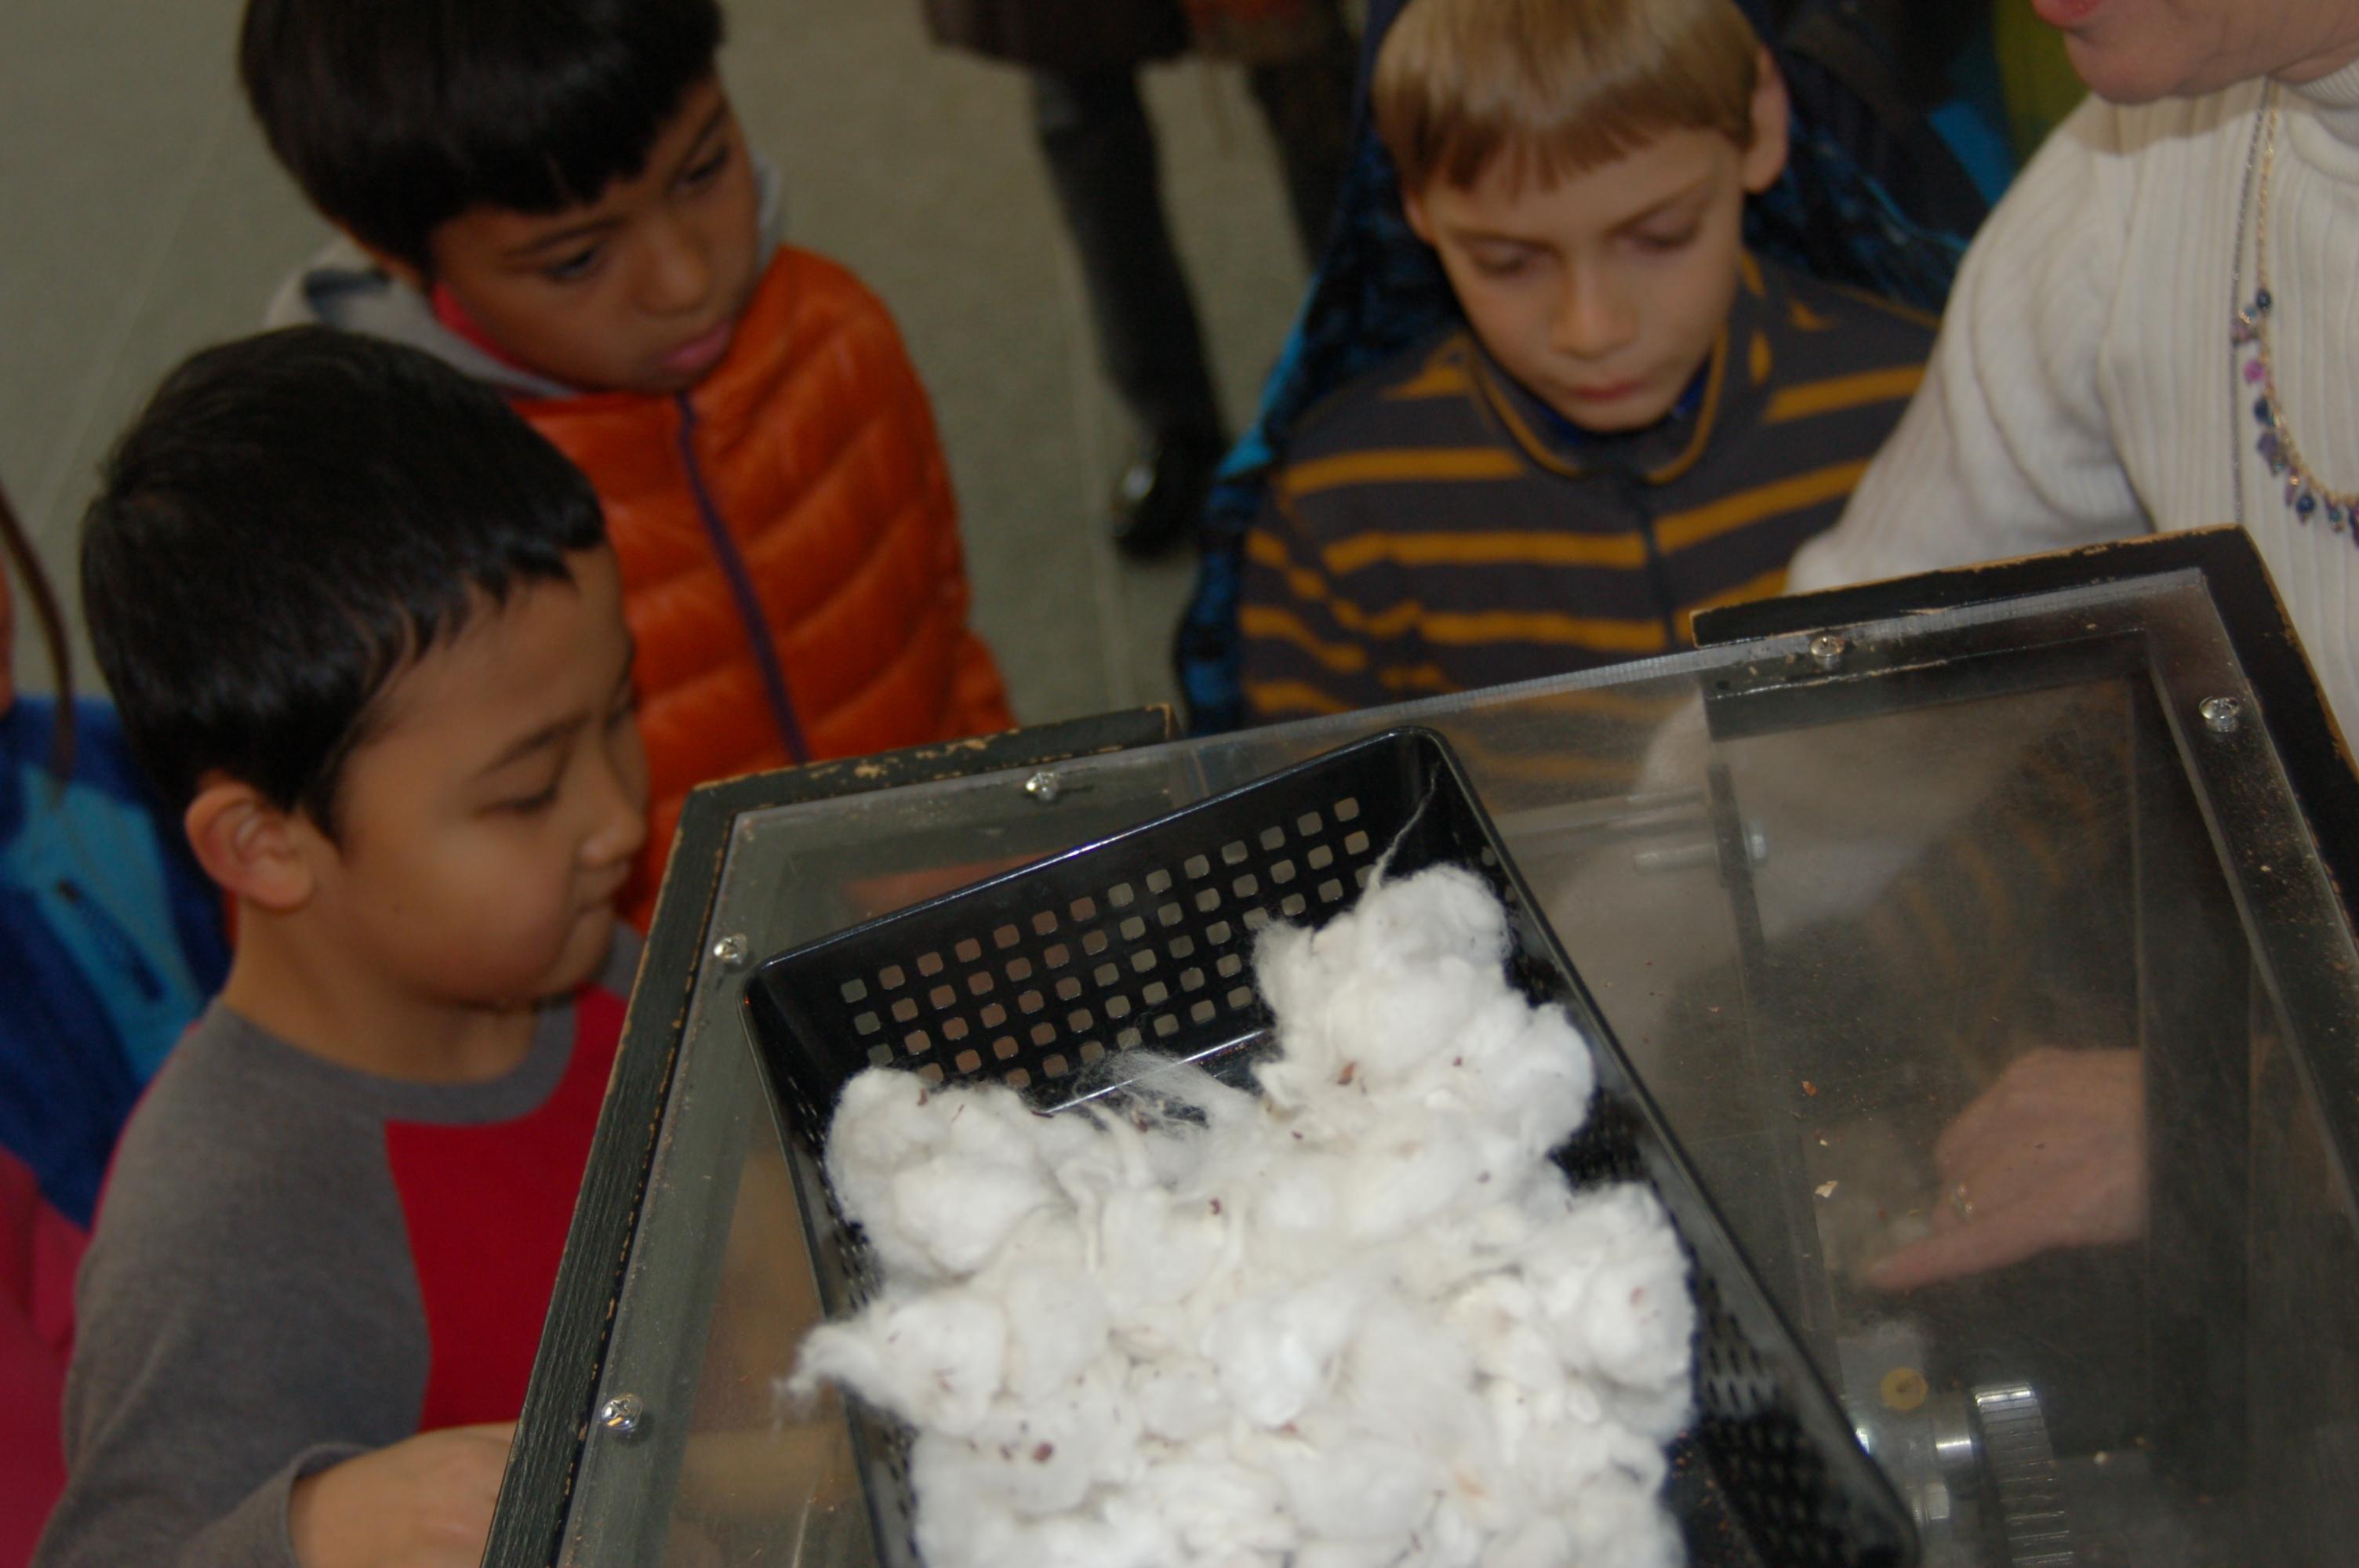 Cotton was pretty seedy in the 1700s.